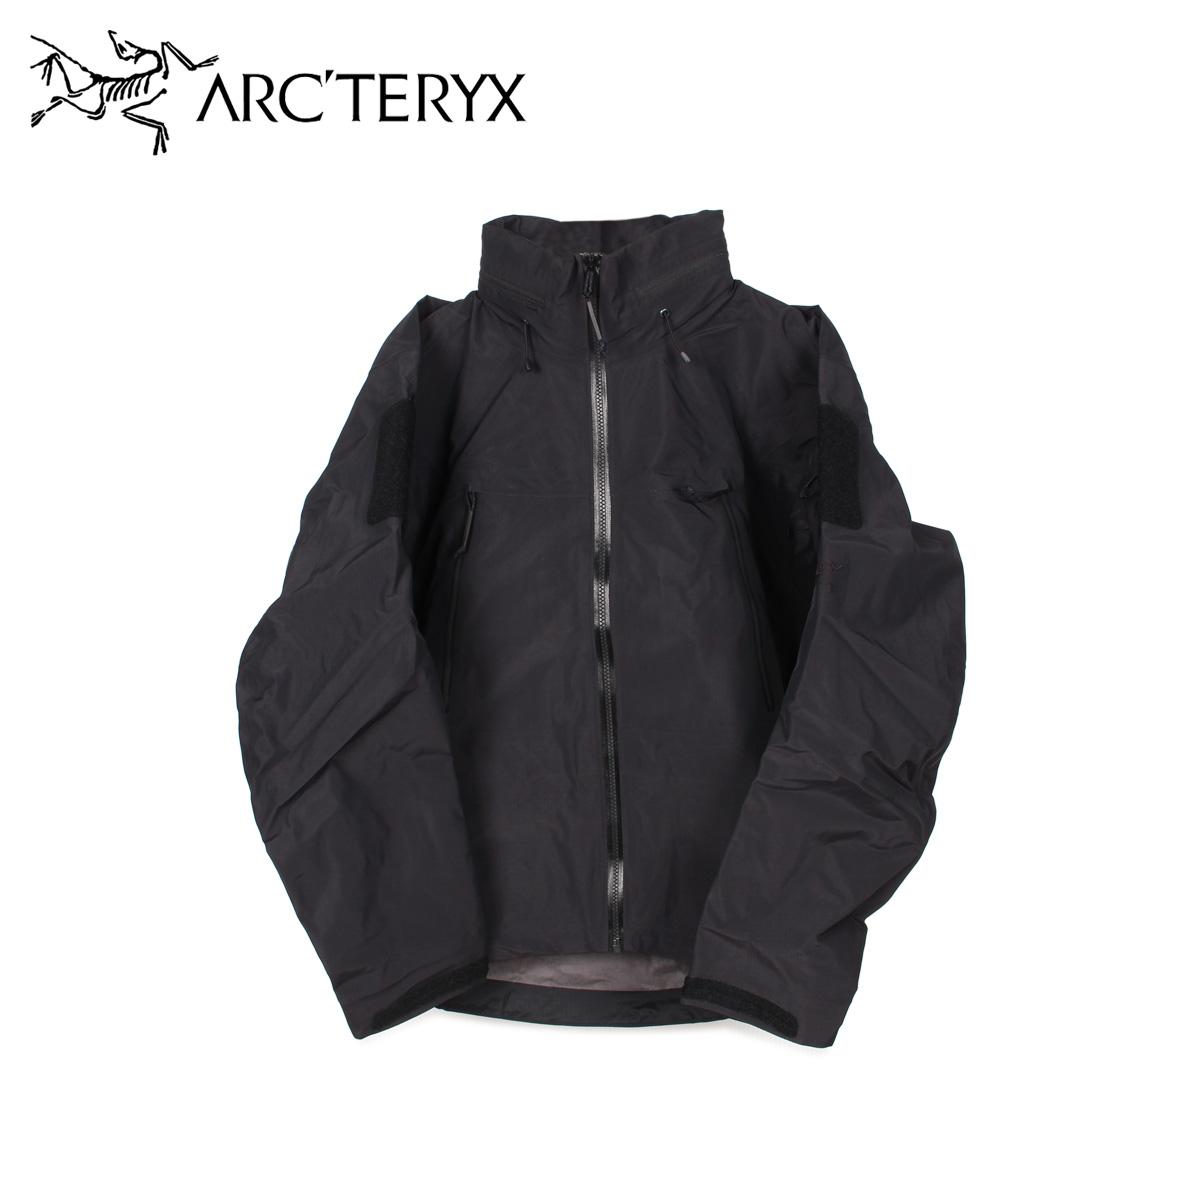 アークテリクス リーフ ARCTERYX LEAF ジャケット マウンテンパーカー アルファ メンズ ALPHA JACKET MENS GEN2 ブラック 黒 18863